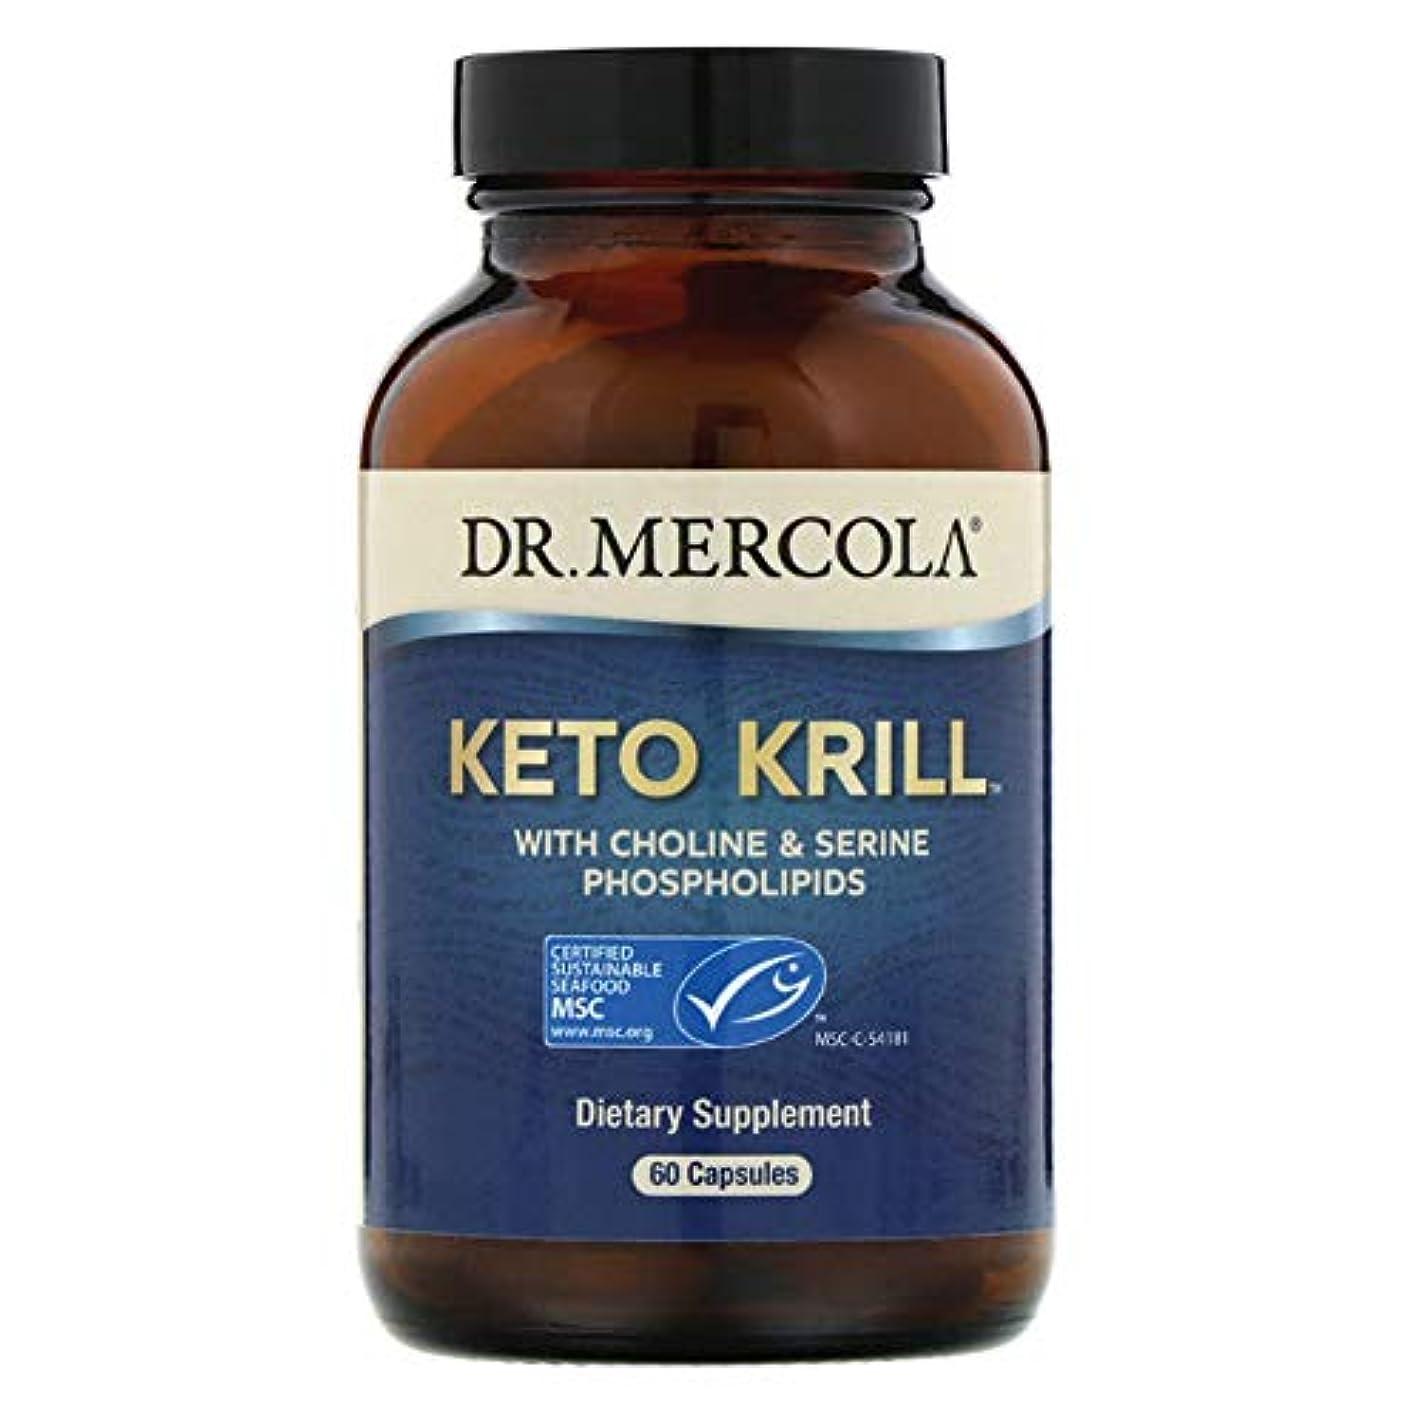 冷える進化作りますDr Mercola ケトオキアミ コリン セリンリン脂質配合 カプセル 60粒 【アメリカ直送】